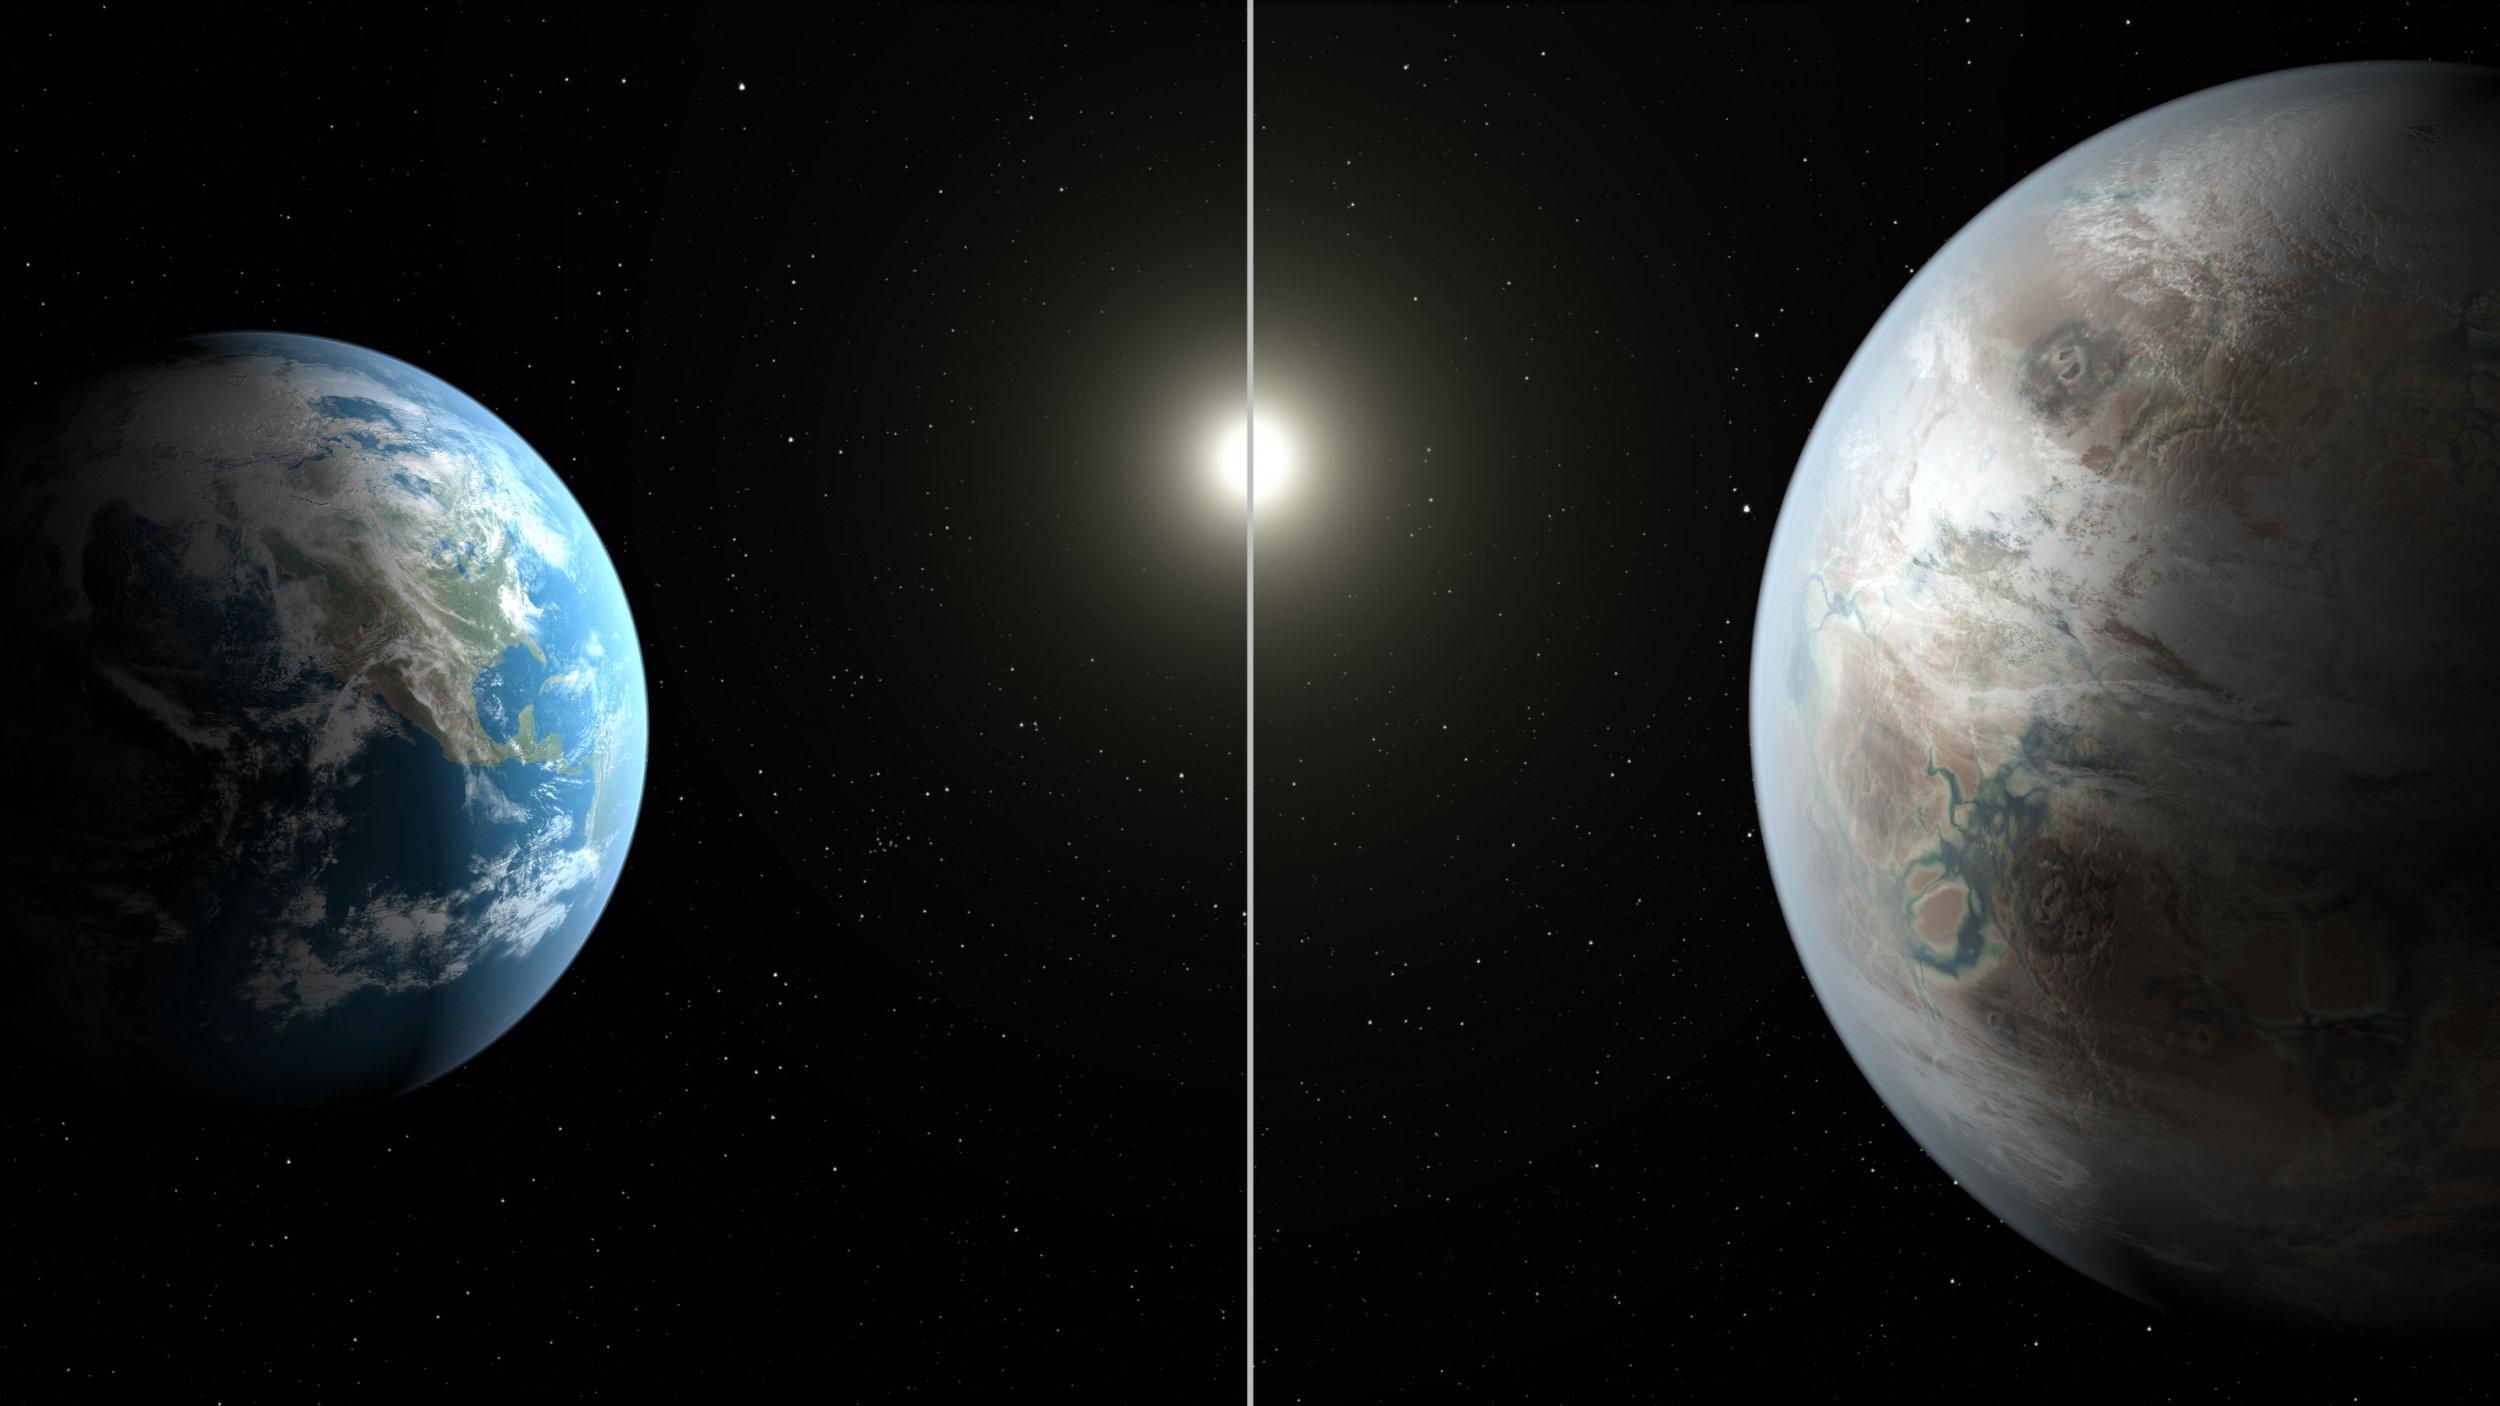 7-23-15 Kepler-452b and Earth